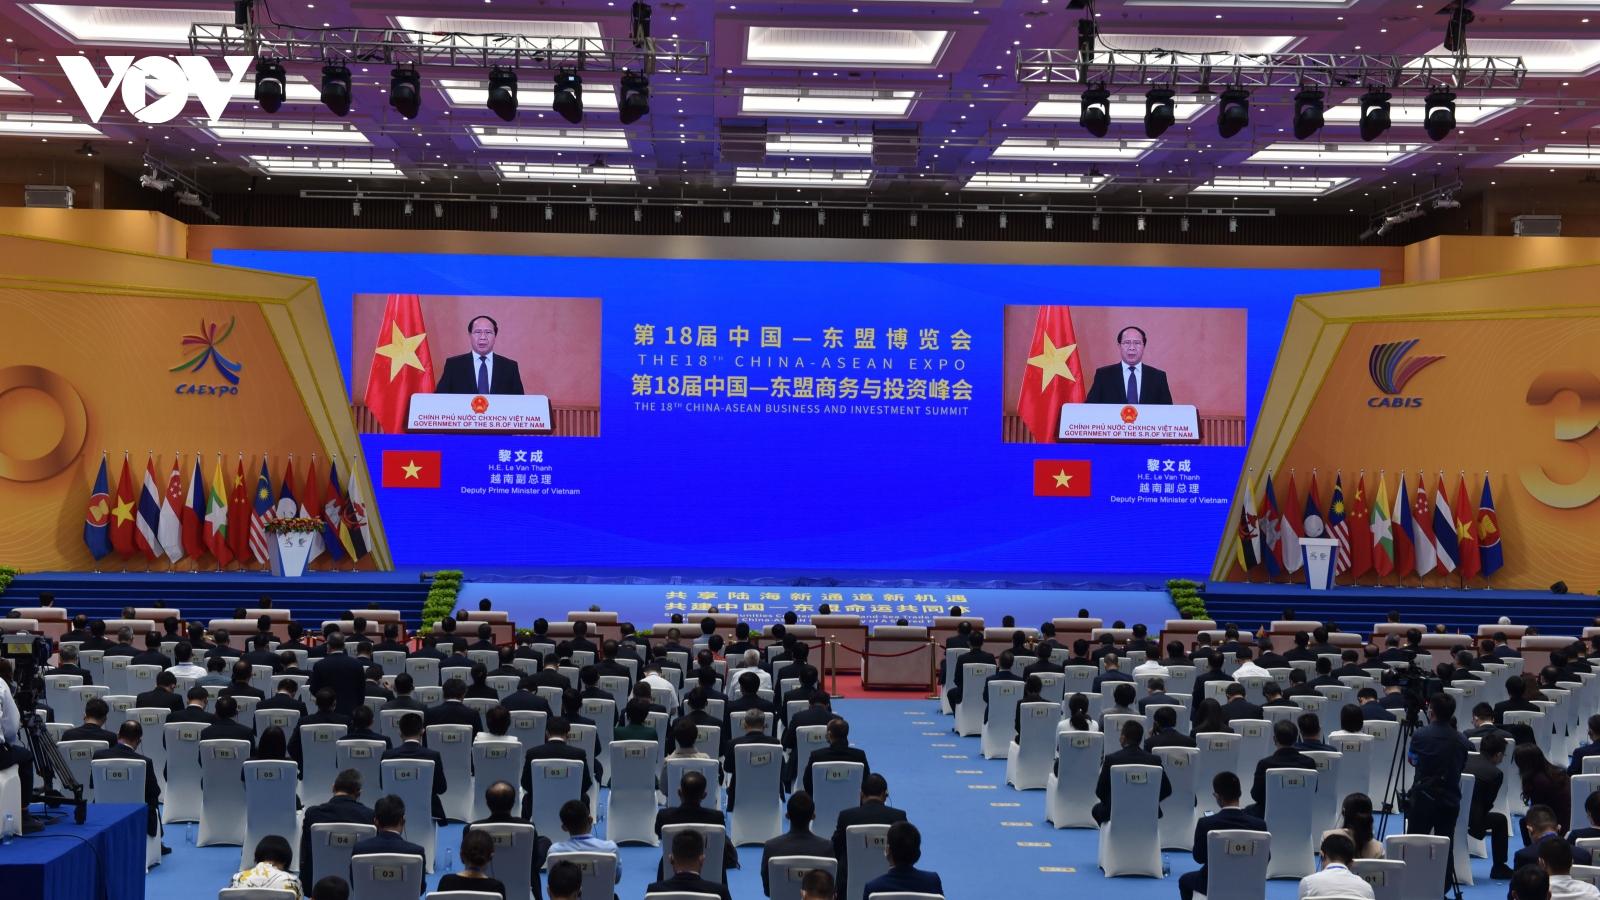 Gần 80 doanh nghiệp Việt Nam tham dự Hội chợ Trung Quốc – ASEAN tại Nam Ninh